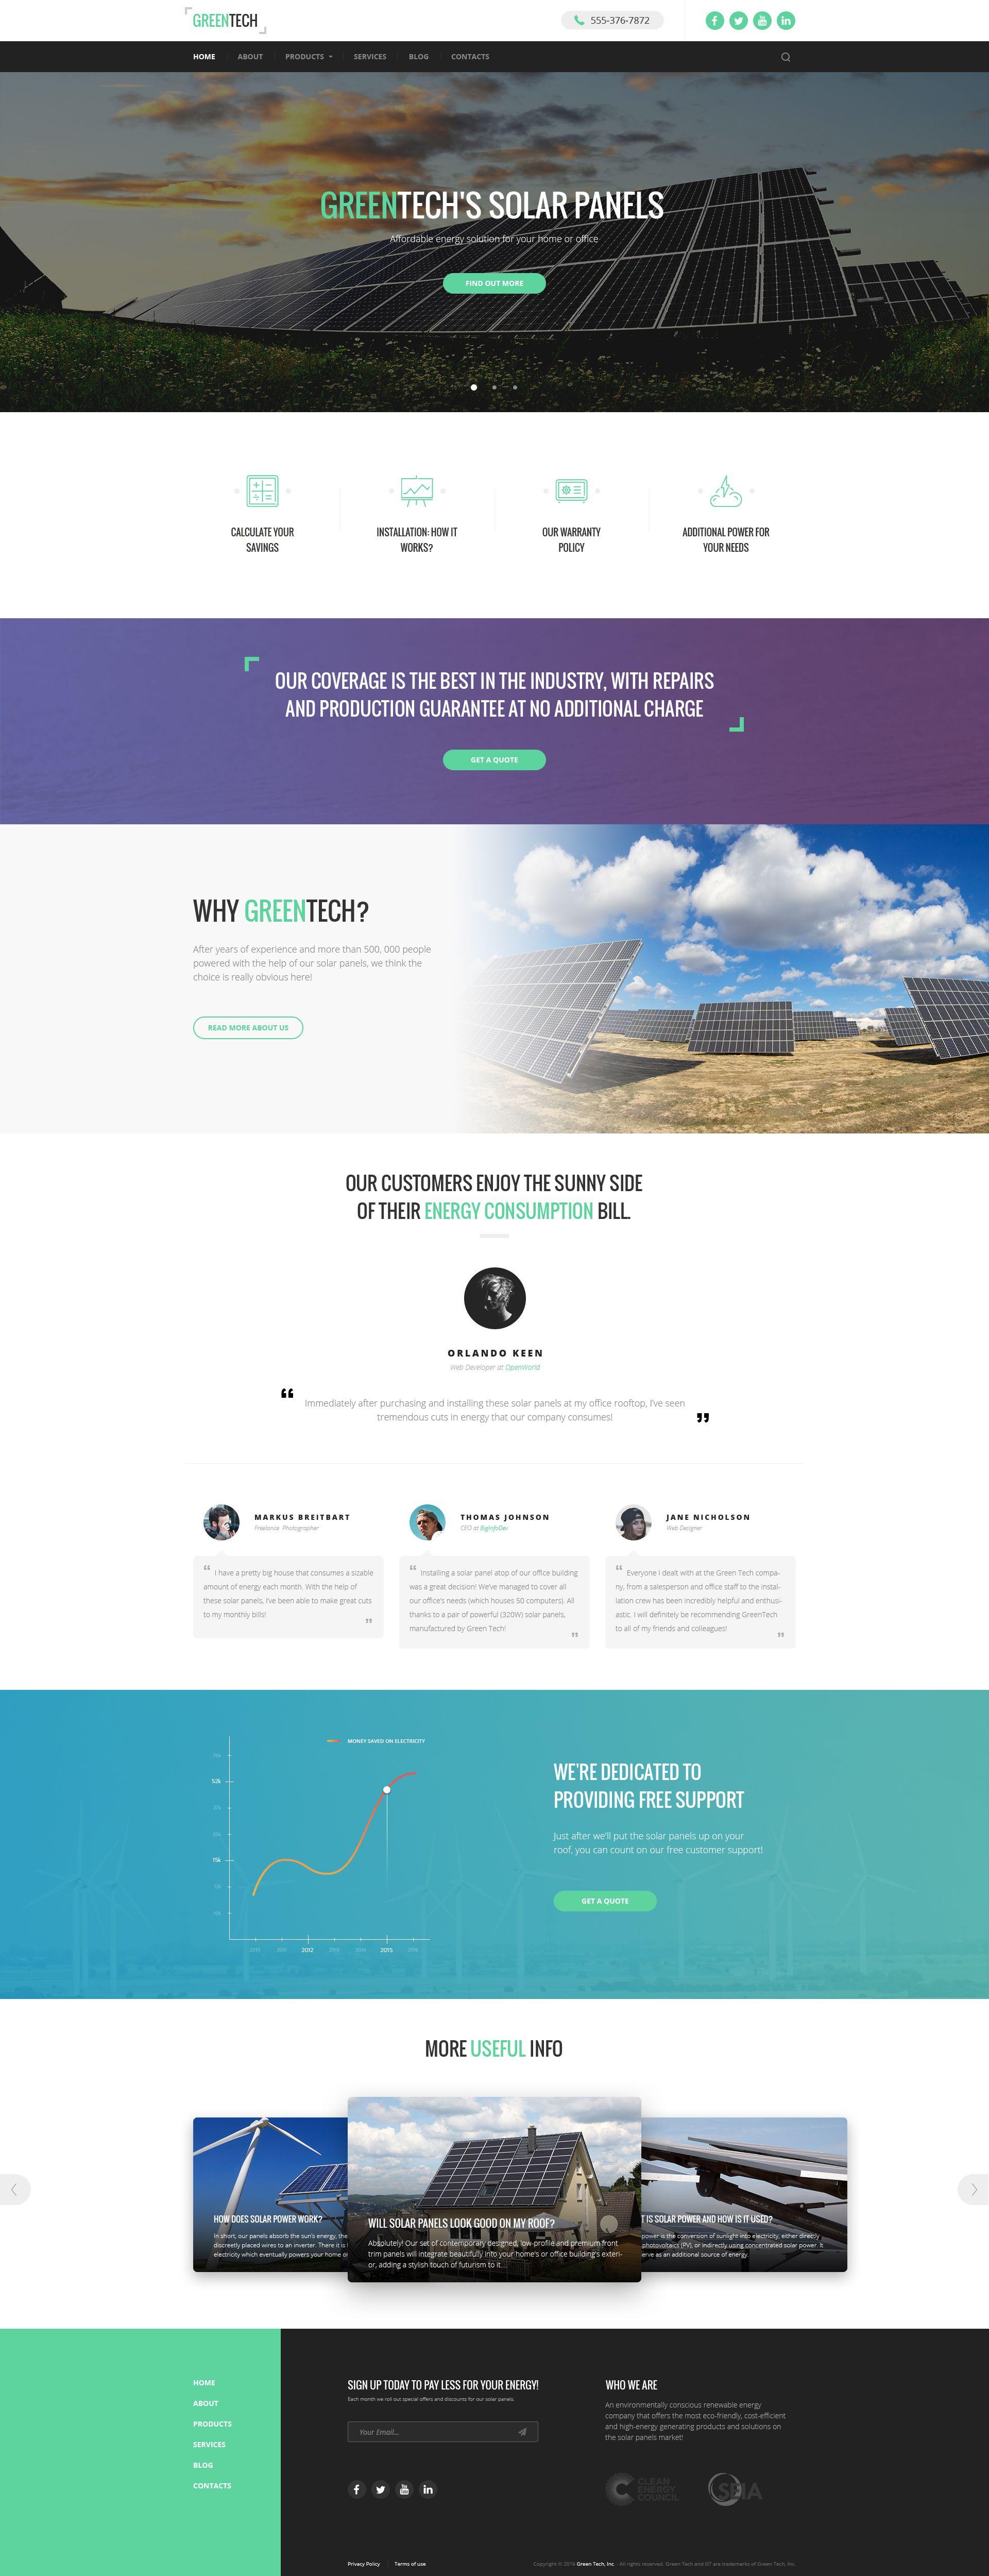 Green Tech Website Template | Pinterest | Template, Website and ...